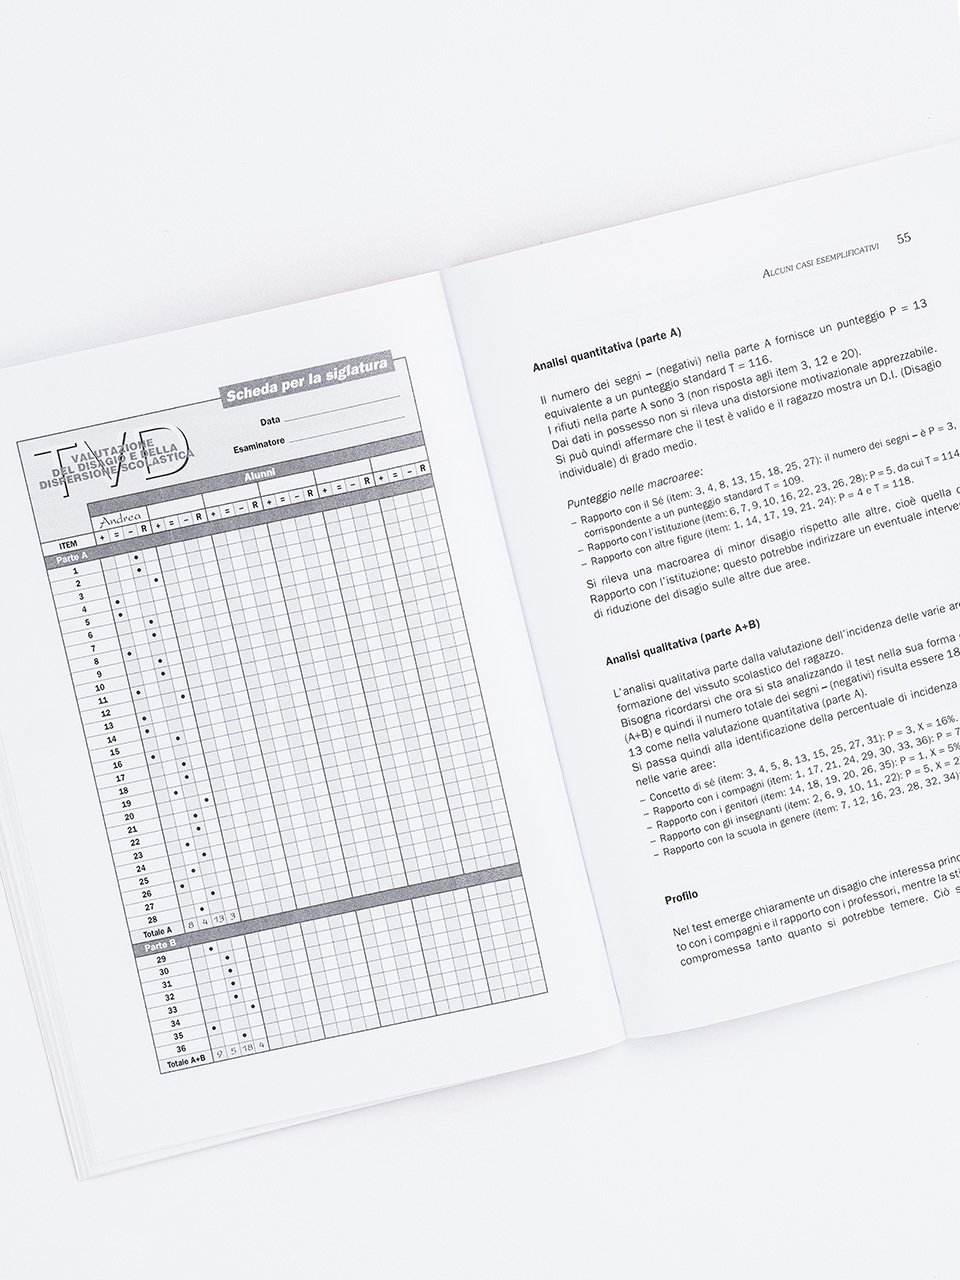 Test TVD - Valutazione del disagio e dispersione s - Libri - Erickson 2